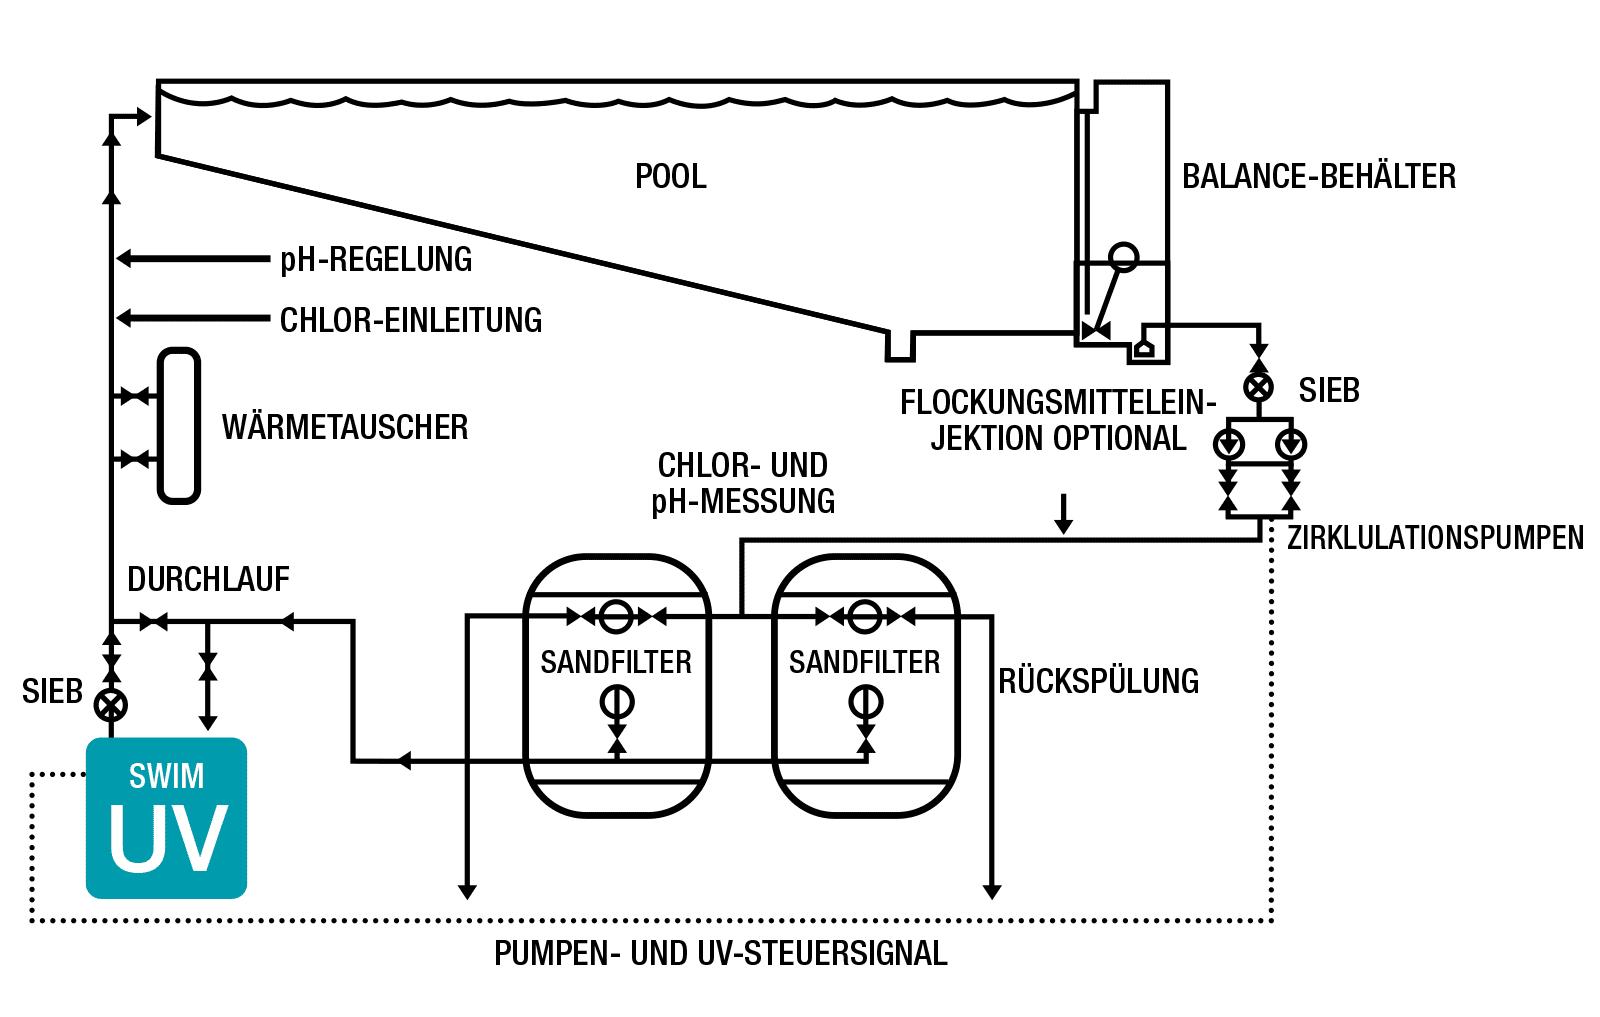 Mögliche Anordnung von UV-Systemen in einem typischen Pool und Freiszeitbad Wassersystem.